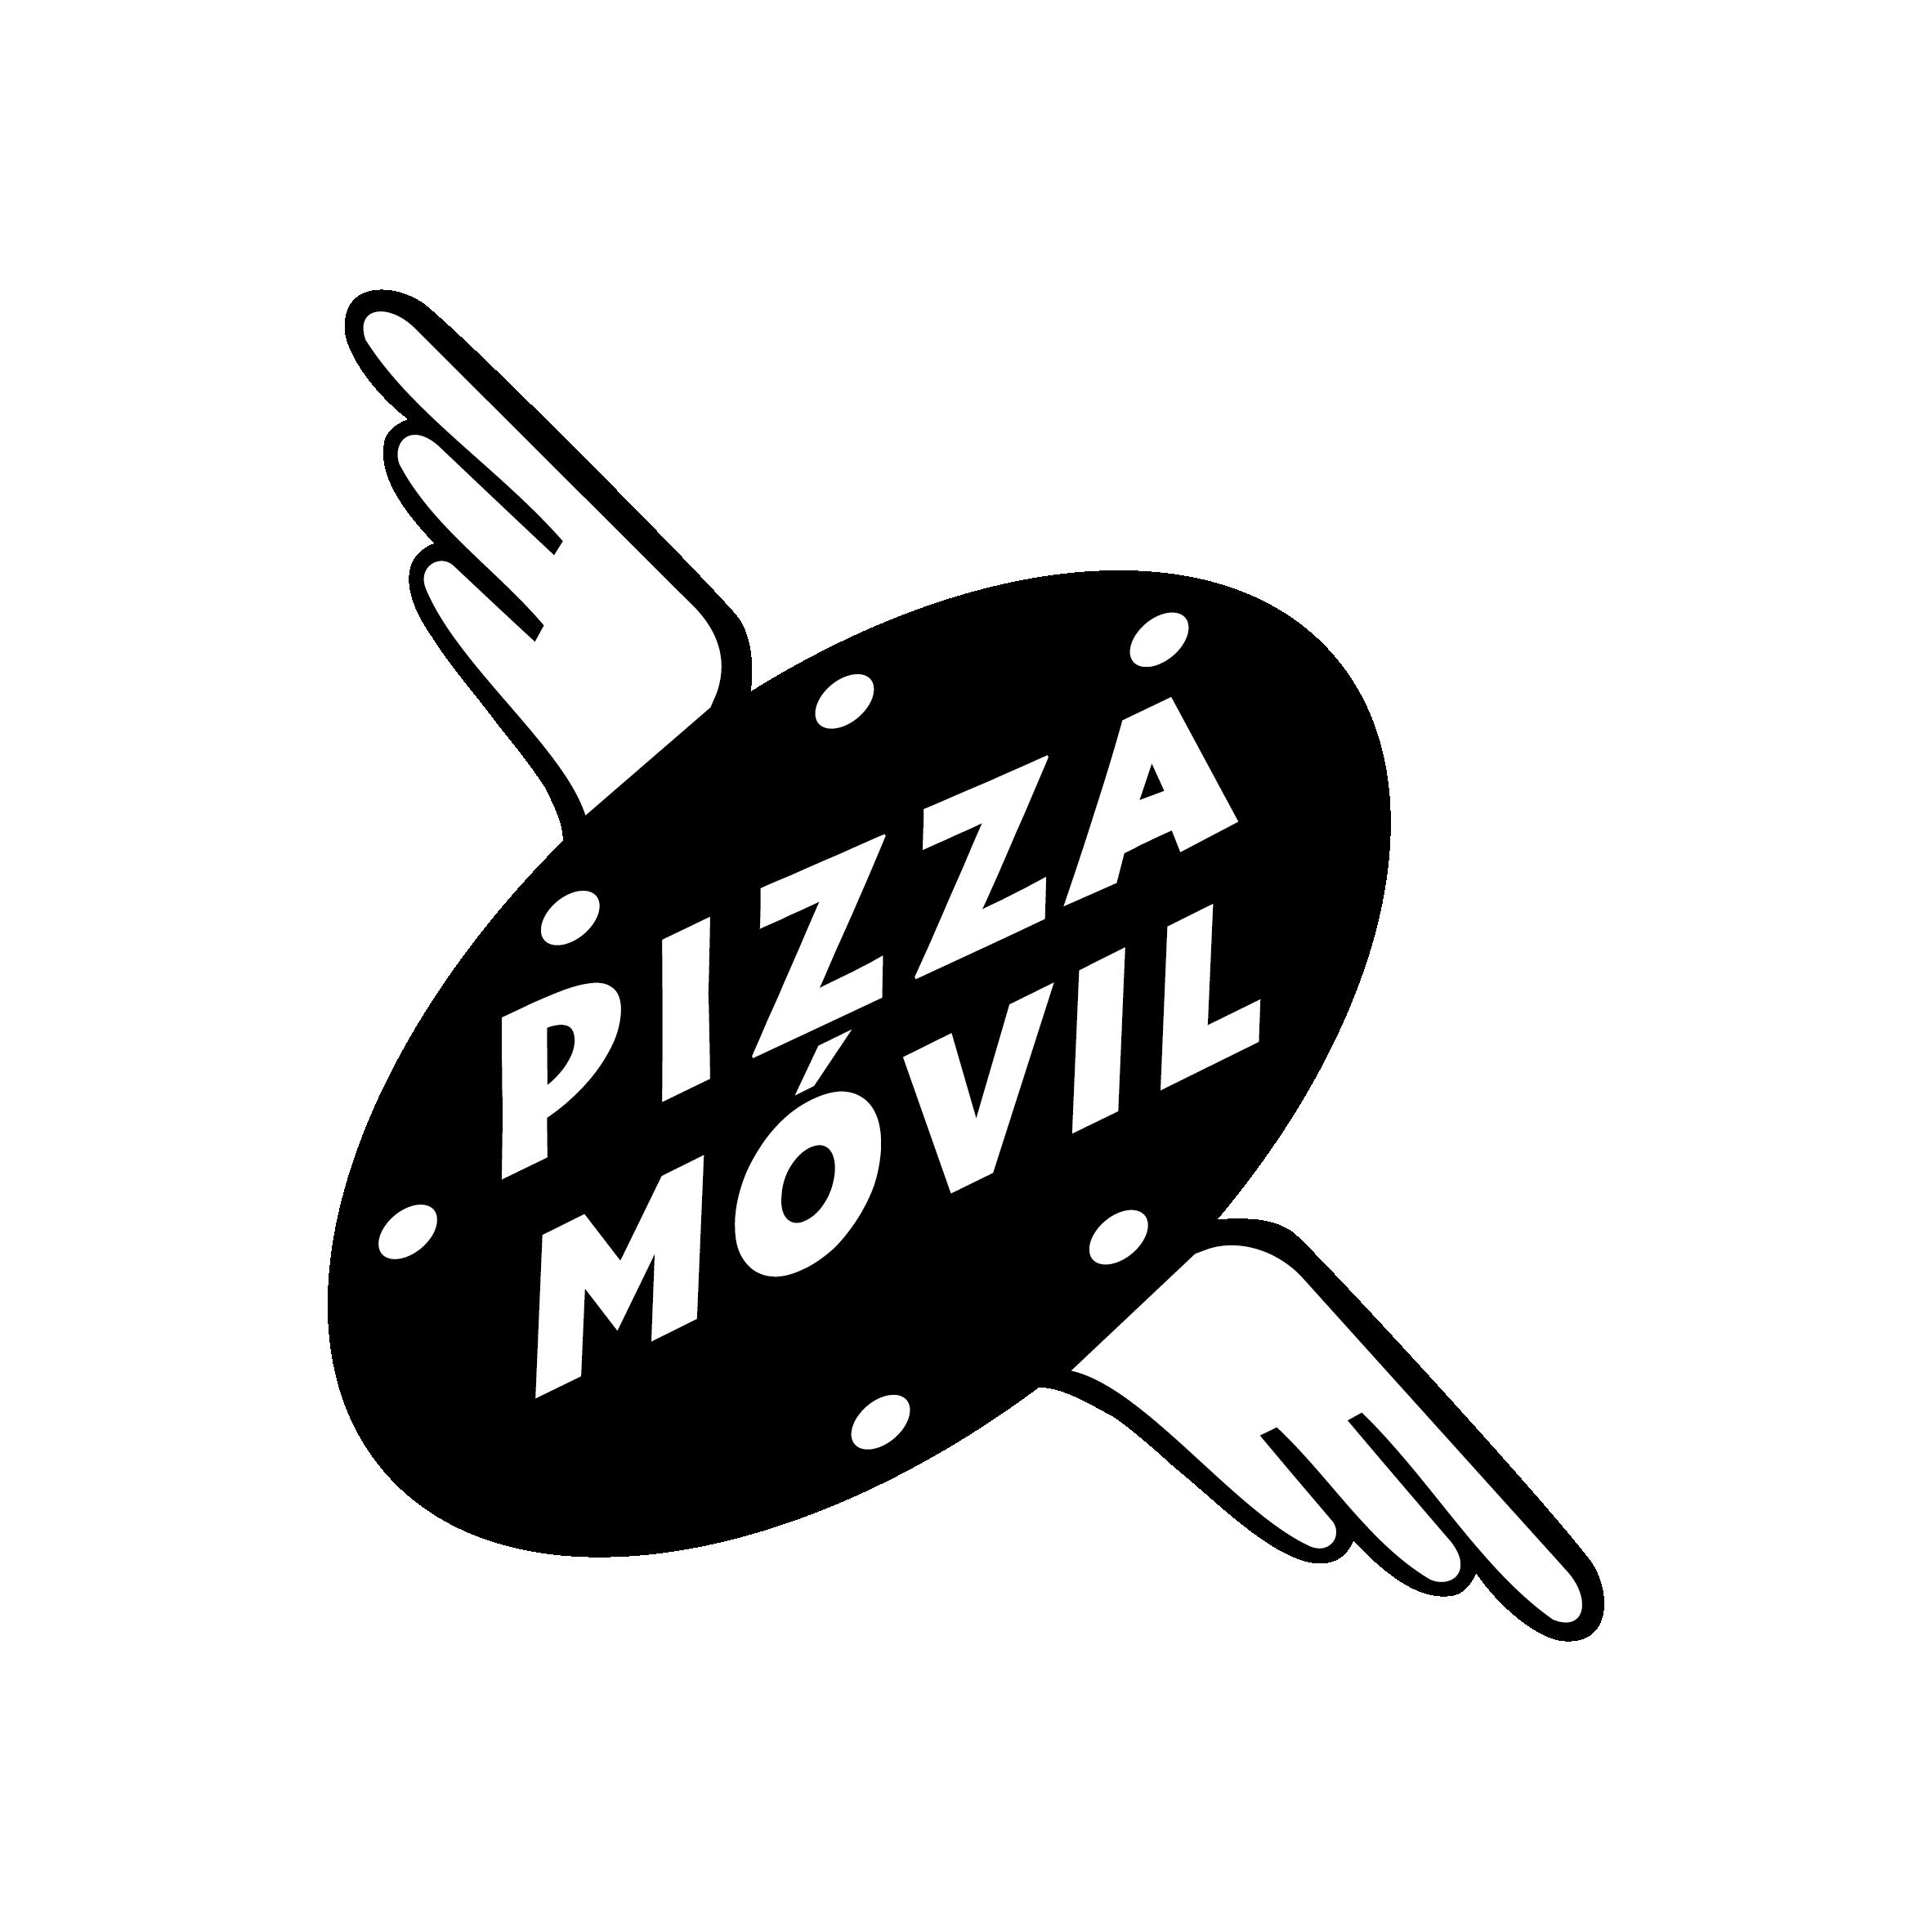 logos bn_Mesa de trabajo 1